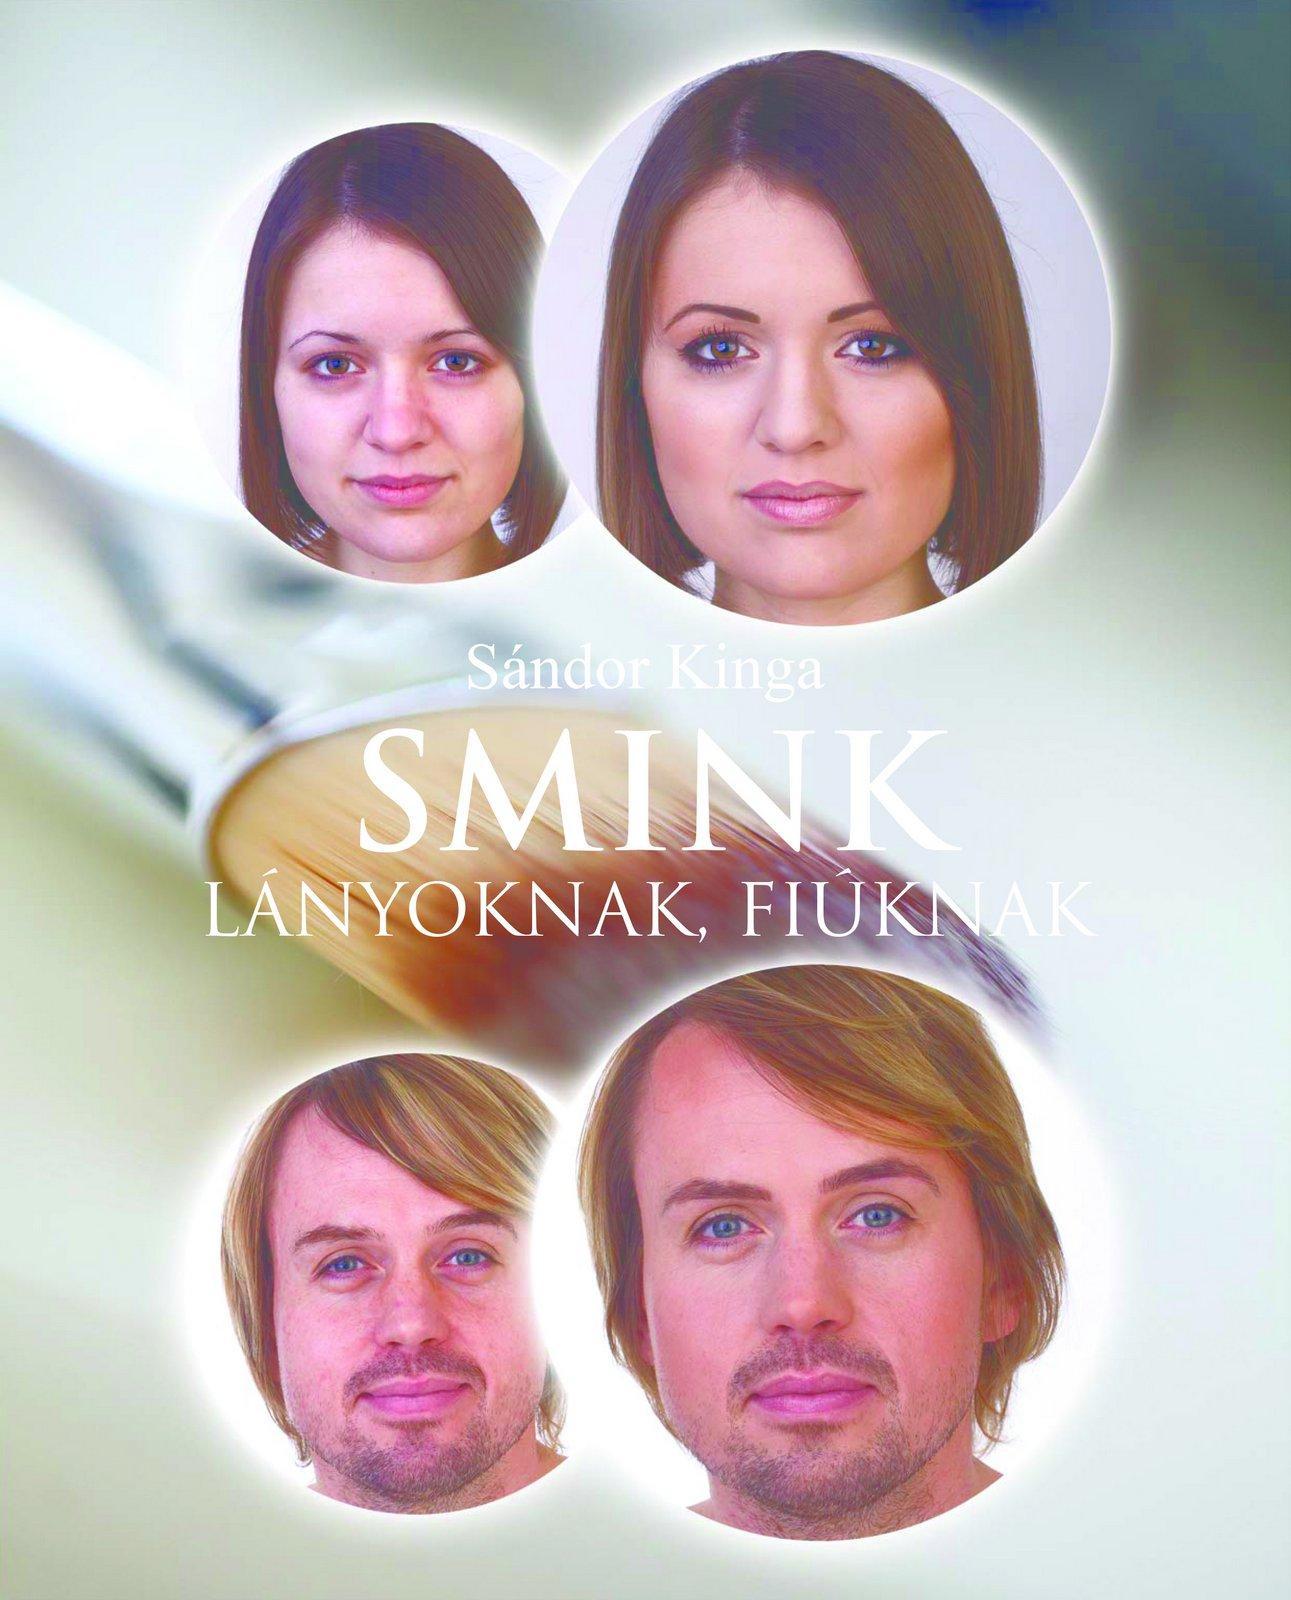 SMINK LÁNYOKNAK, FIÚKNAK